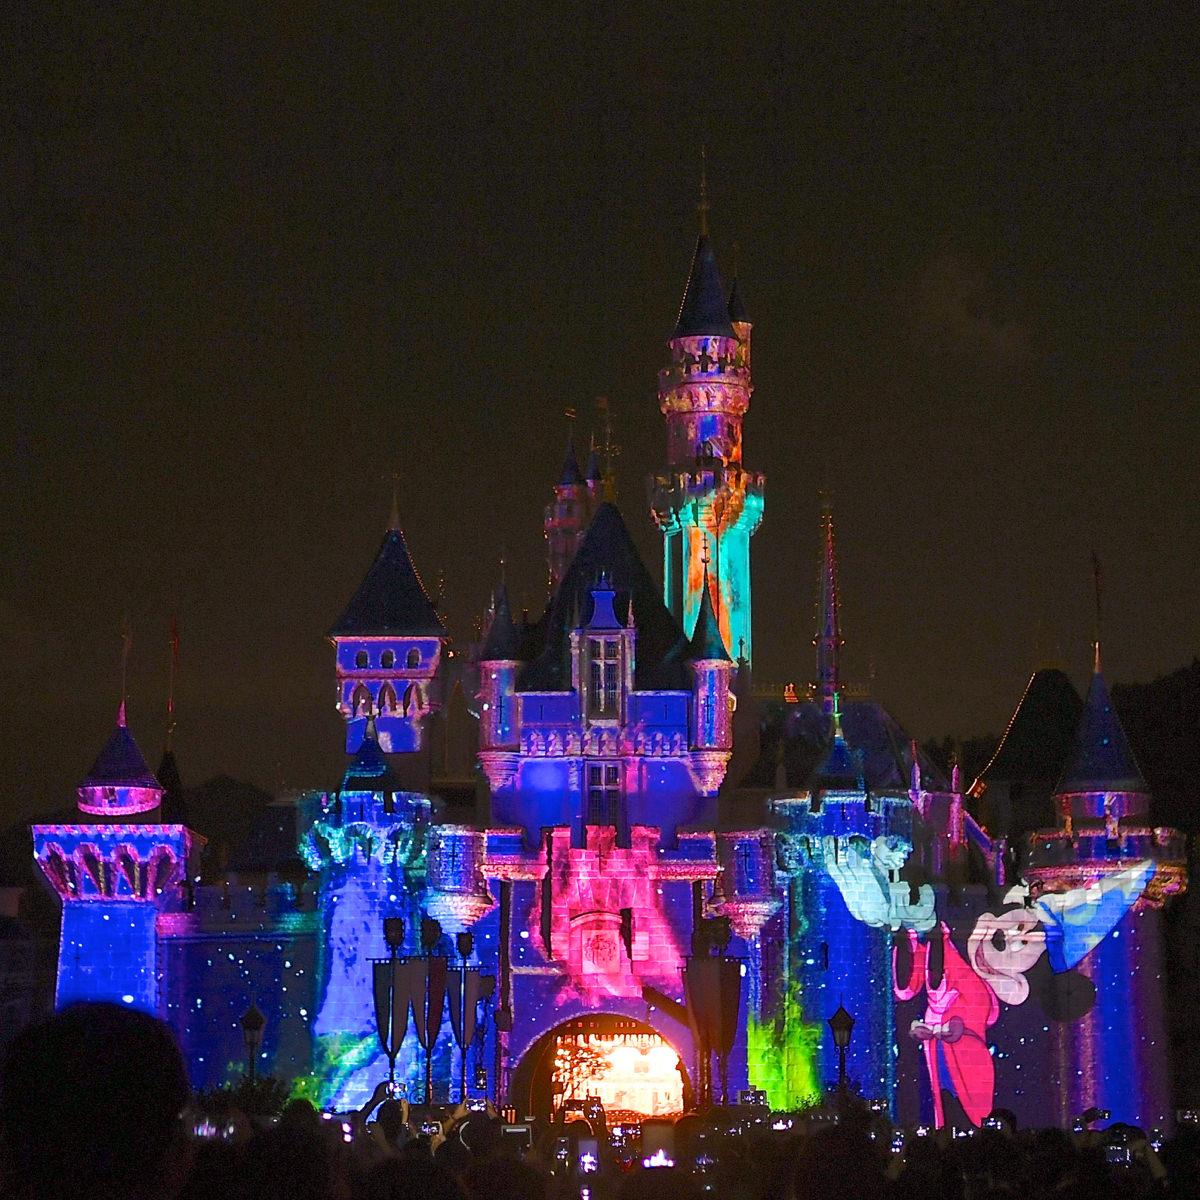 香港ディズニーランド・パーク「ディズニー・イン・ザ・スターズ」